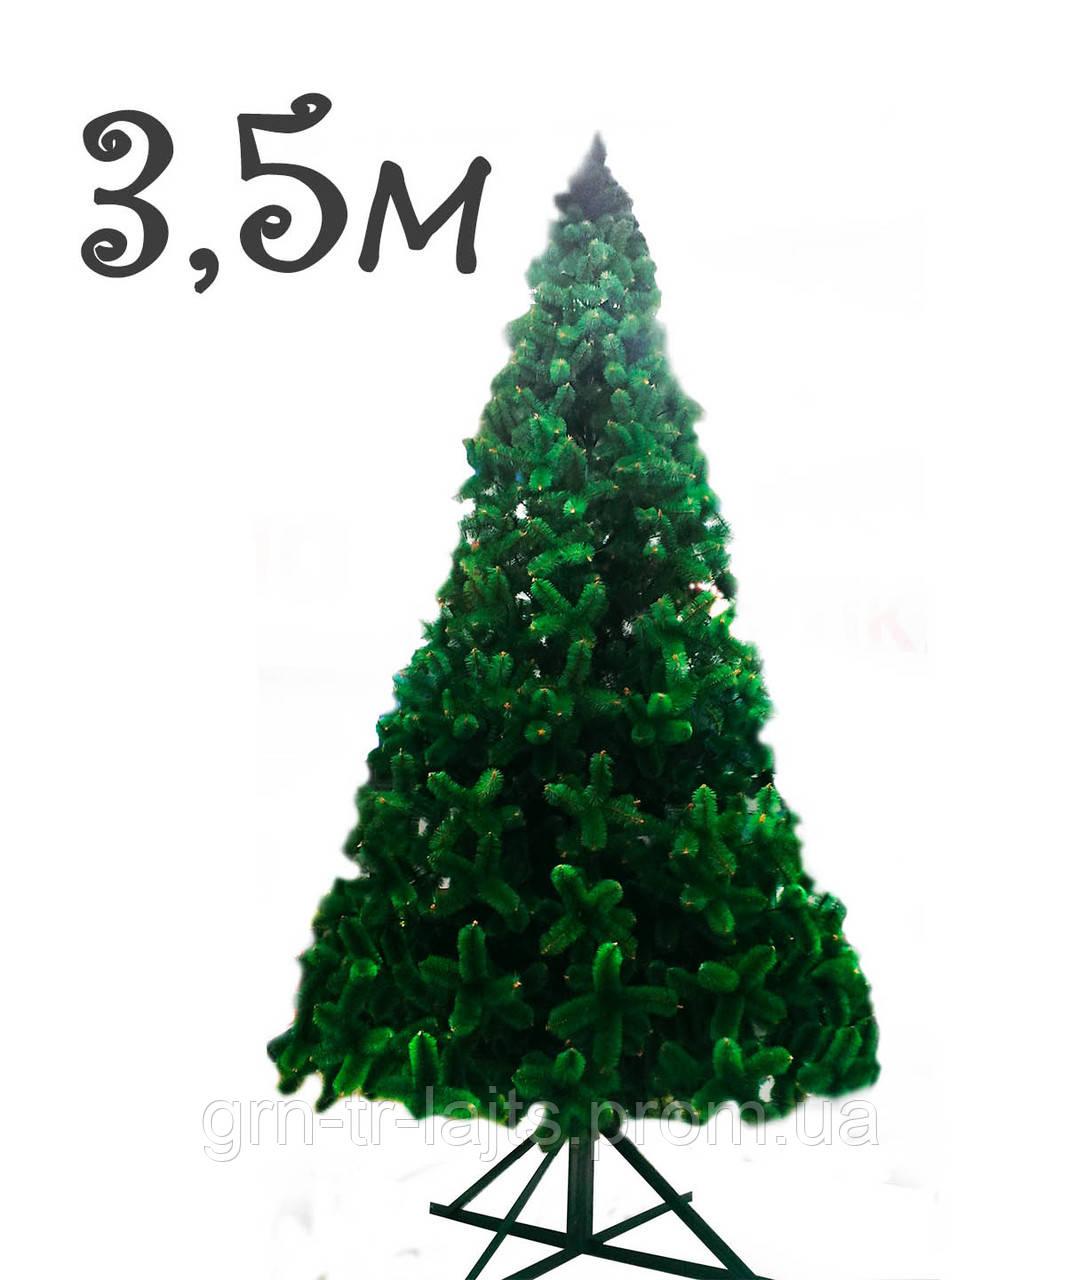 Сосна интерьерная Ялинка України Распушенная зеленая хвоя леска 3,5 м